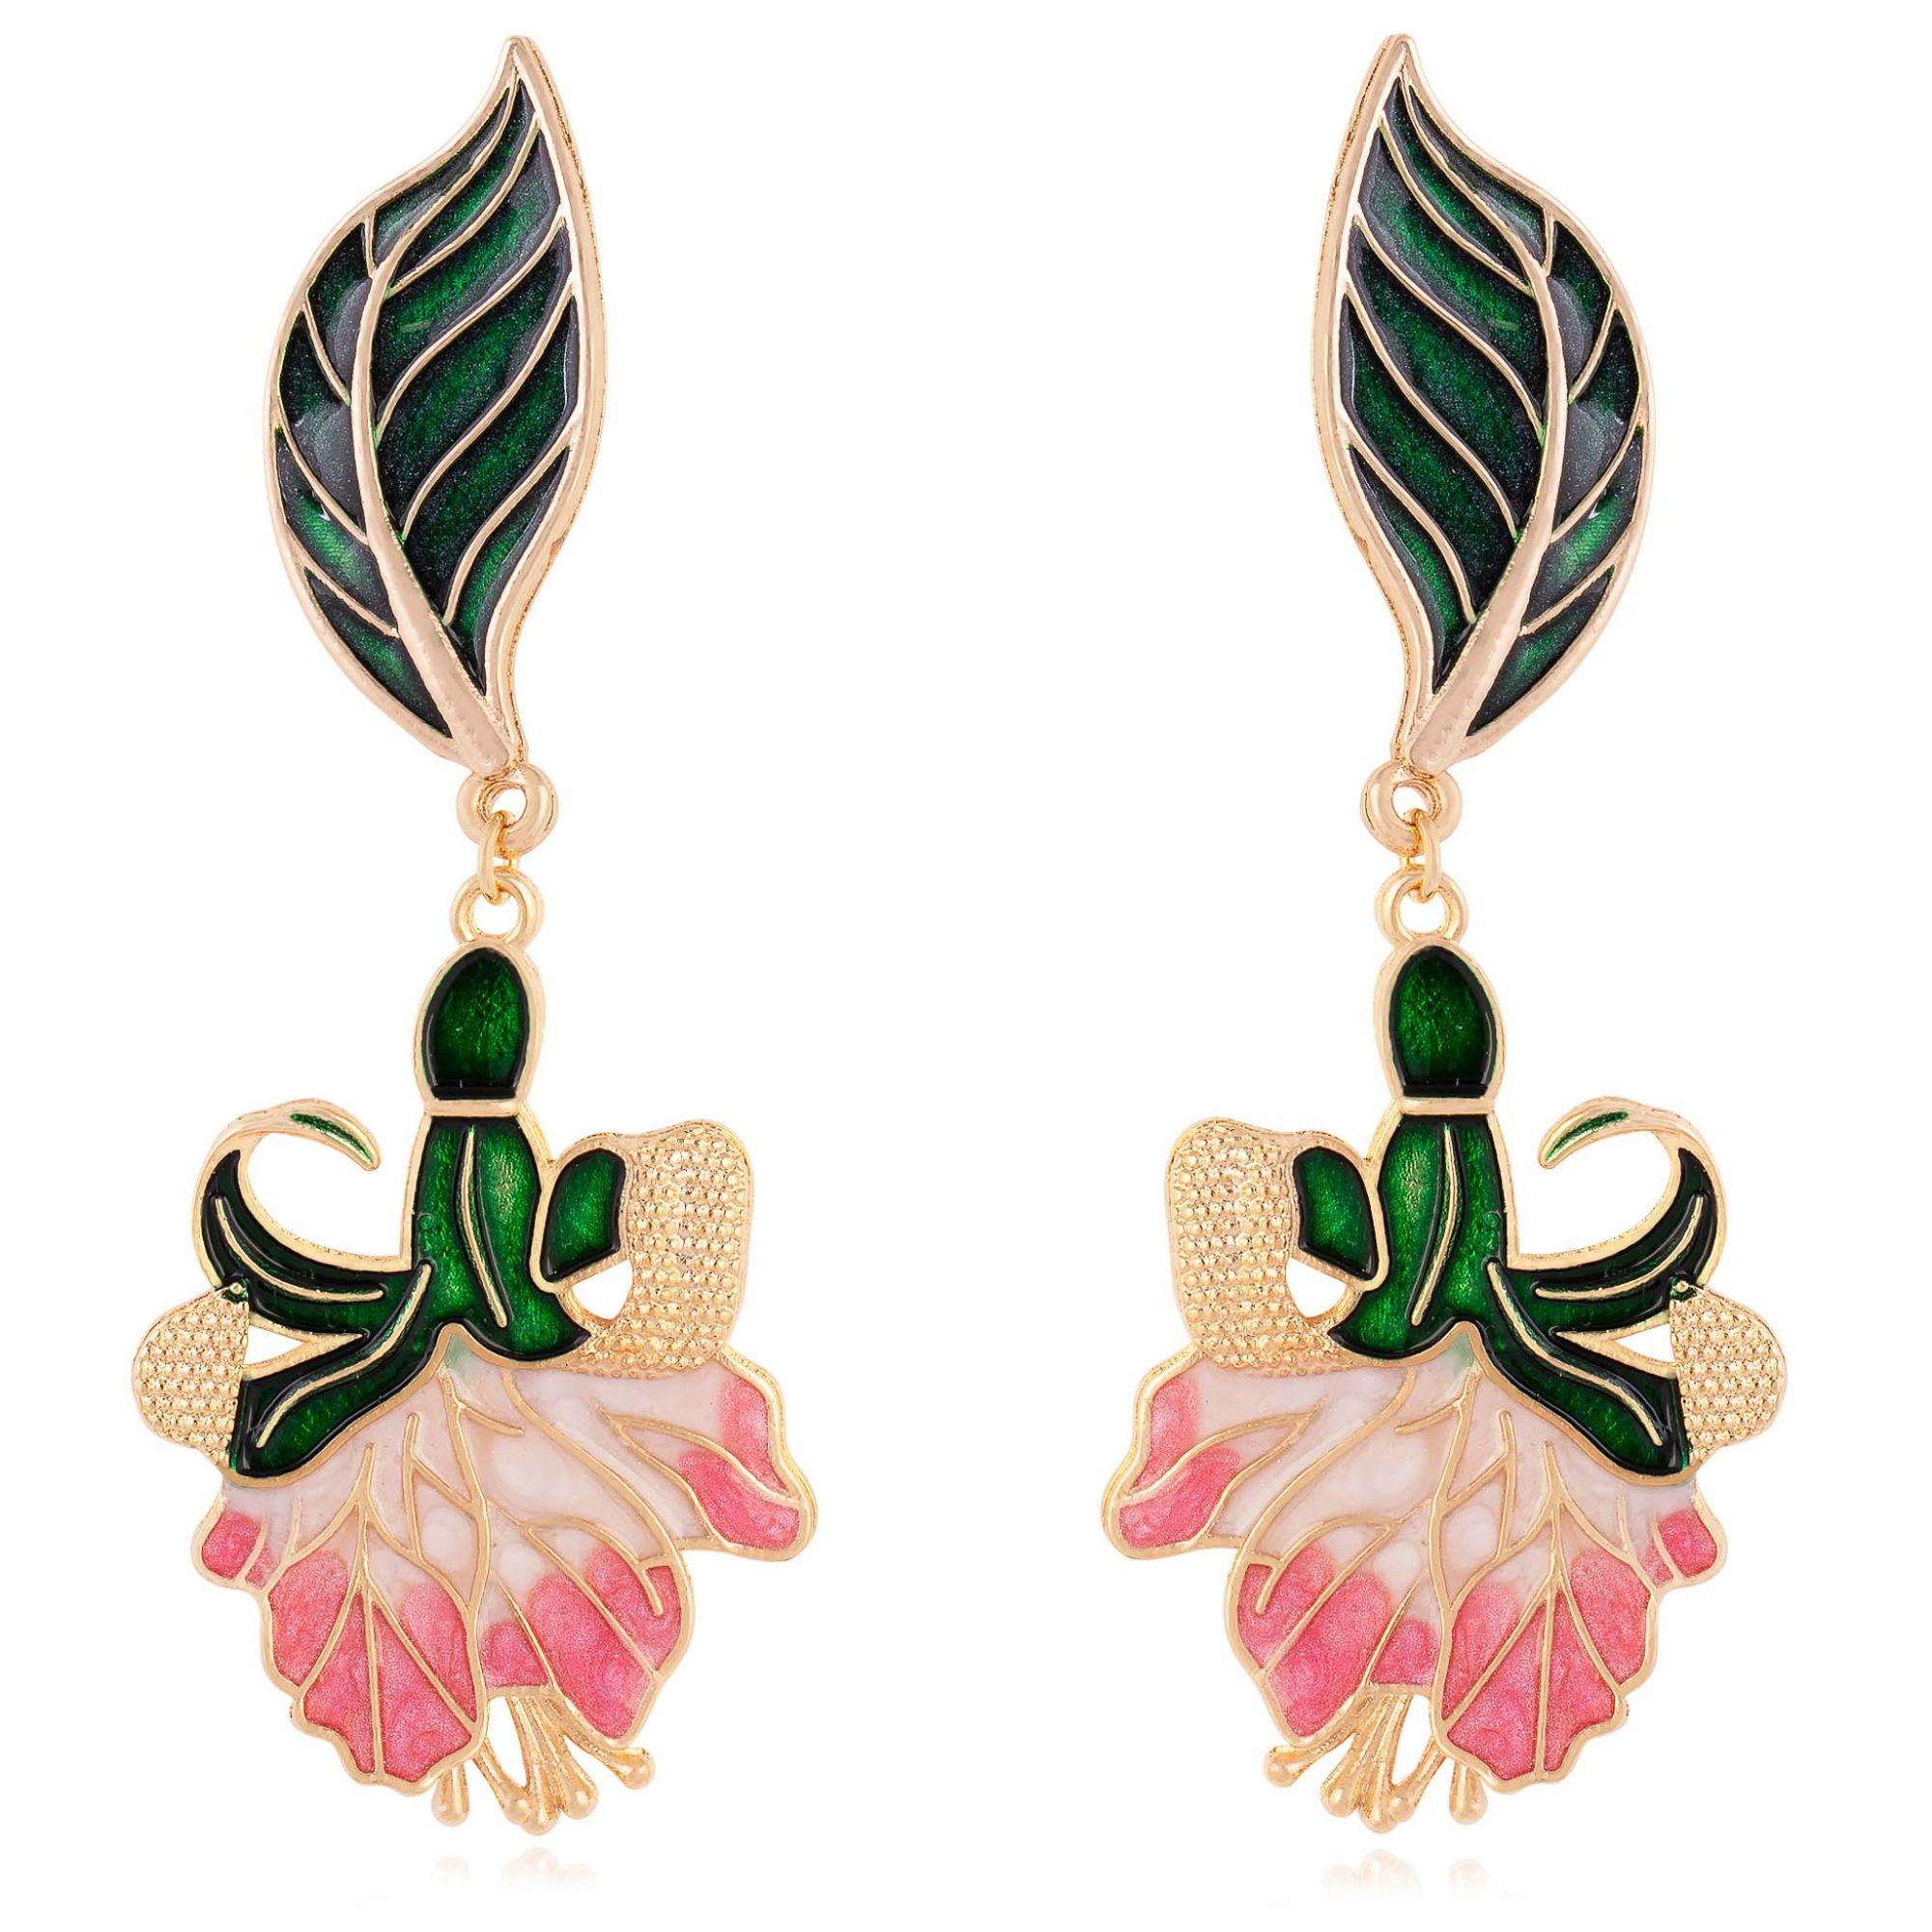 Brinco de flor banhado a ouro 18k resinado em rosa.  - romabrazil.com.br